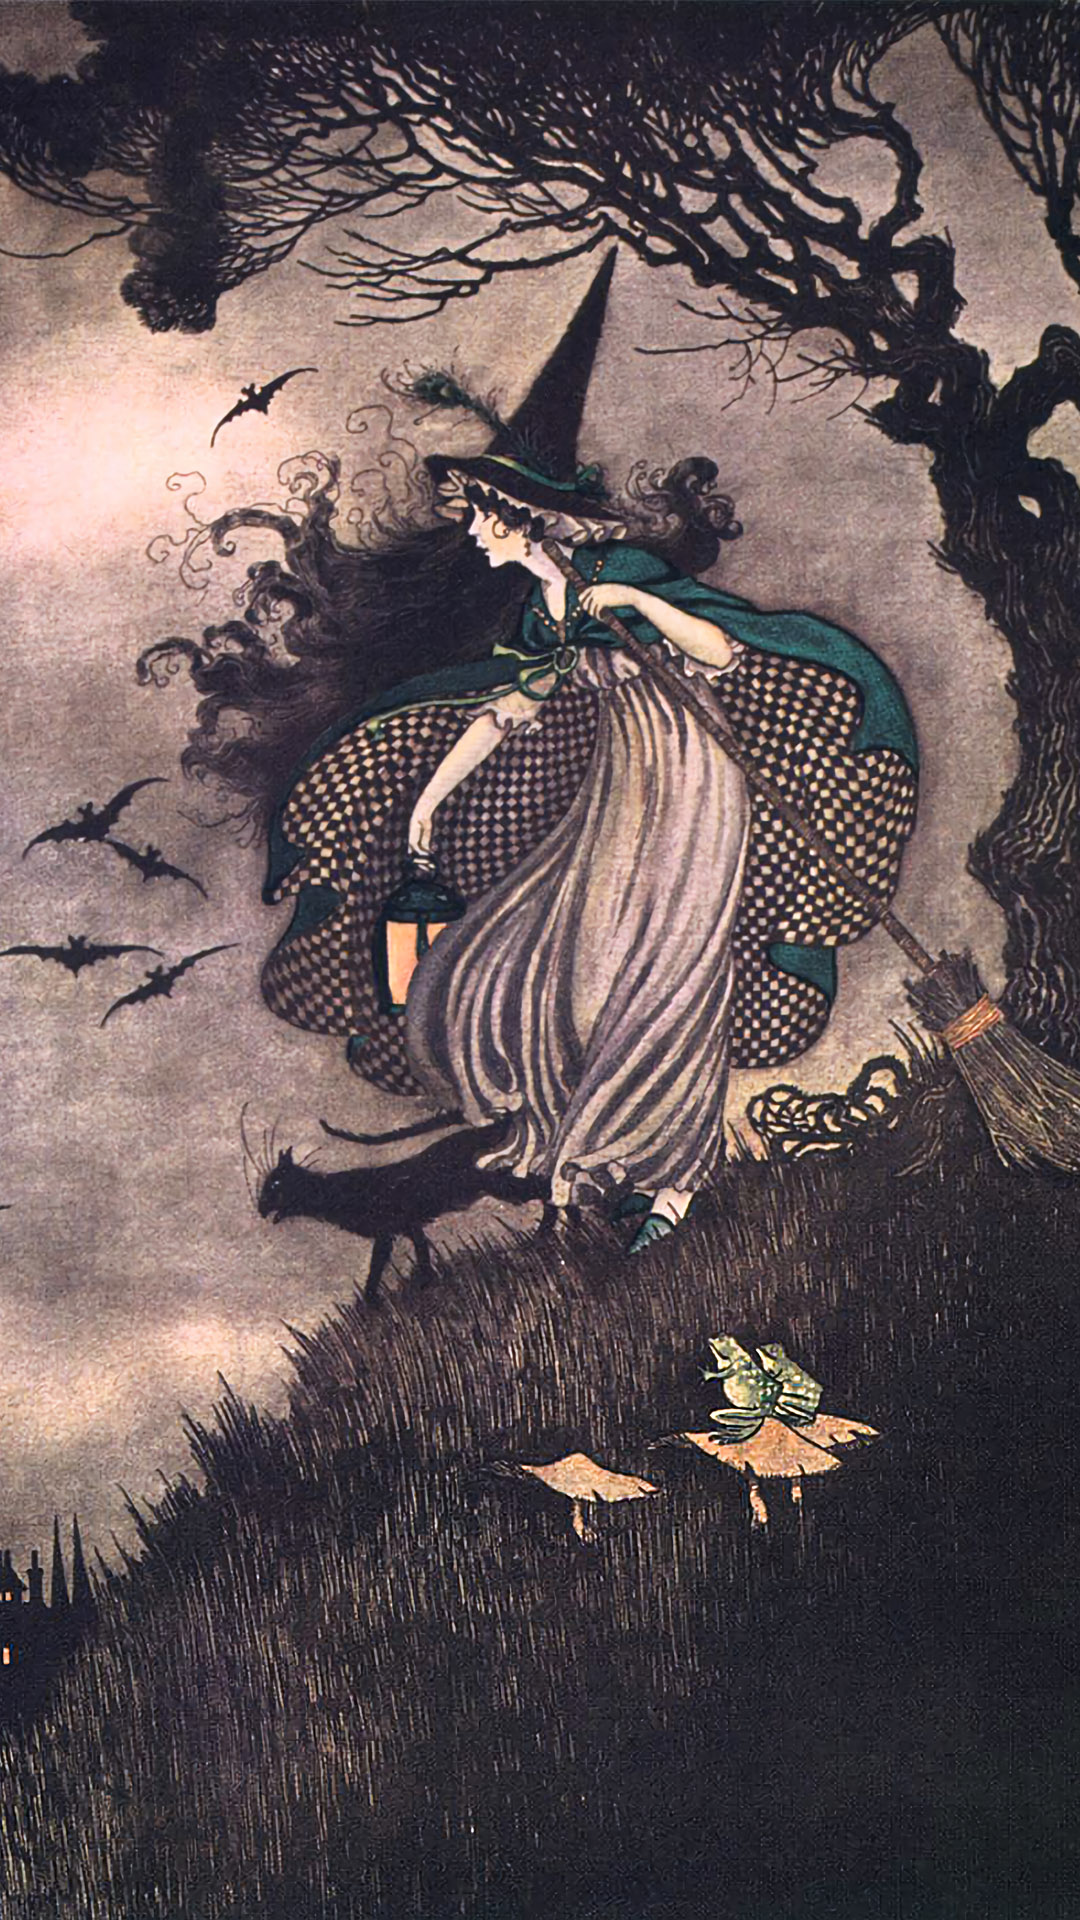 Ida Rentoul Outhwaite - Elves & Fairies witch 1080x1920